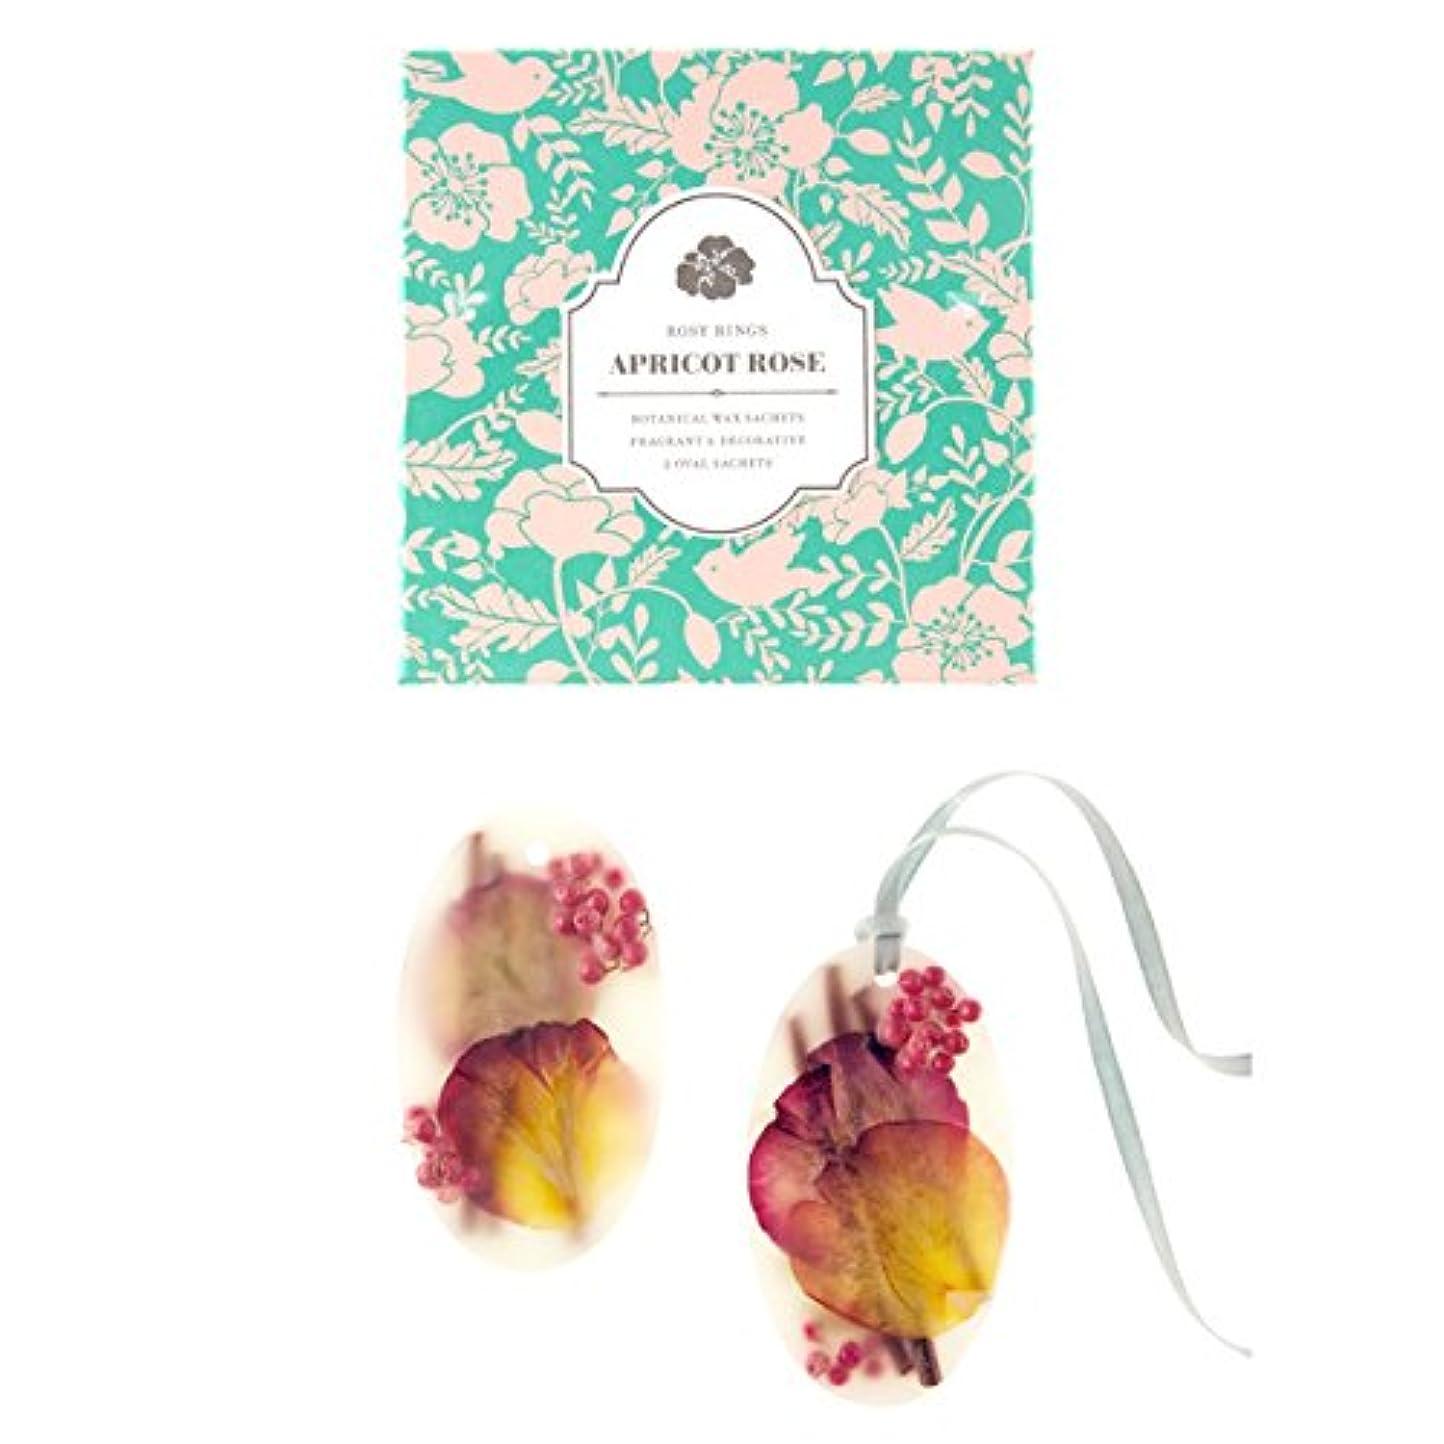 謎めいた腹部レンチロージーリングス ボタニカルワックスサシェ オーバル アプリコット&ローズ ROSY RINGS Signature Collection Botanical Wax Sachets – Apricot Rose